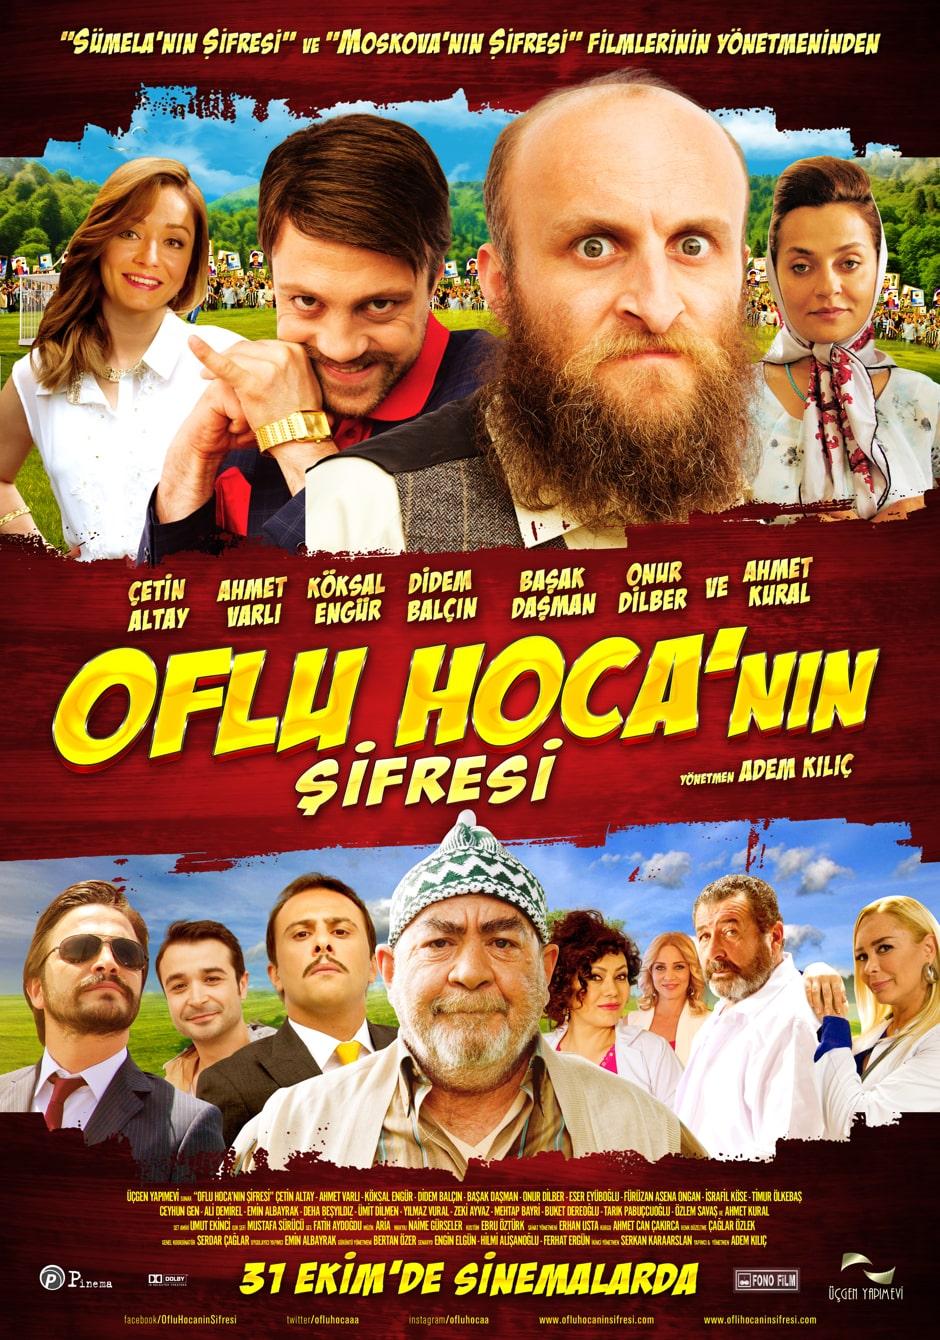 OFLU HOCA'NIN ŞİFRESİ 1